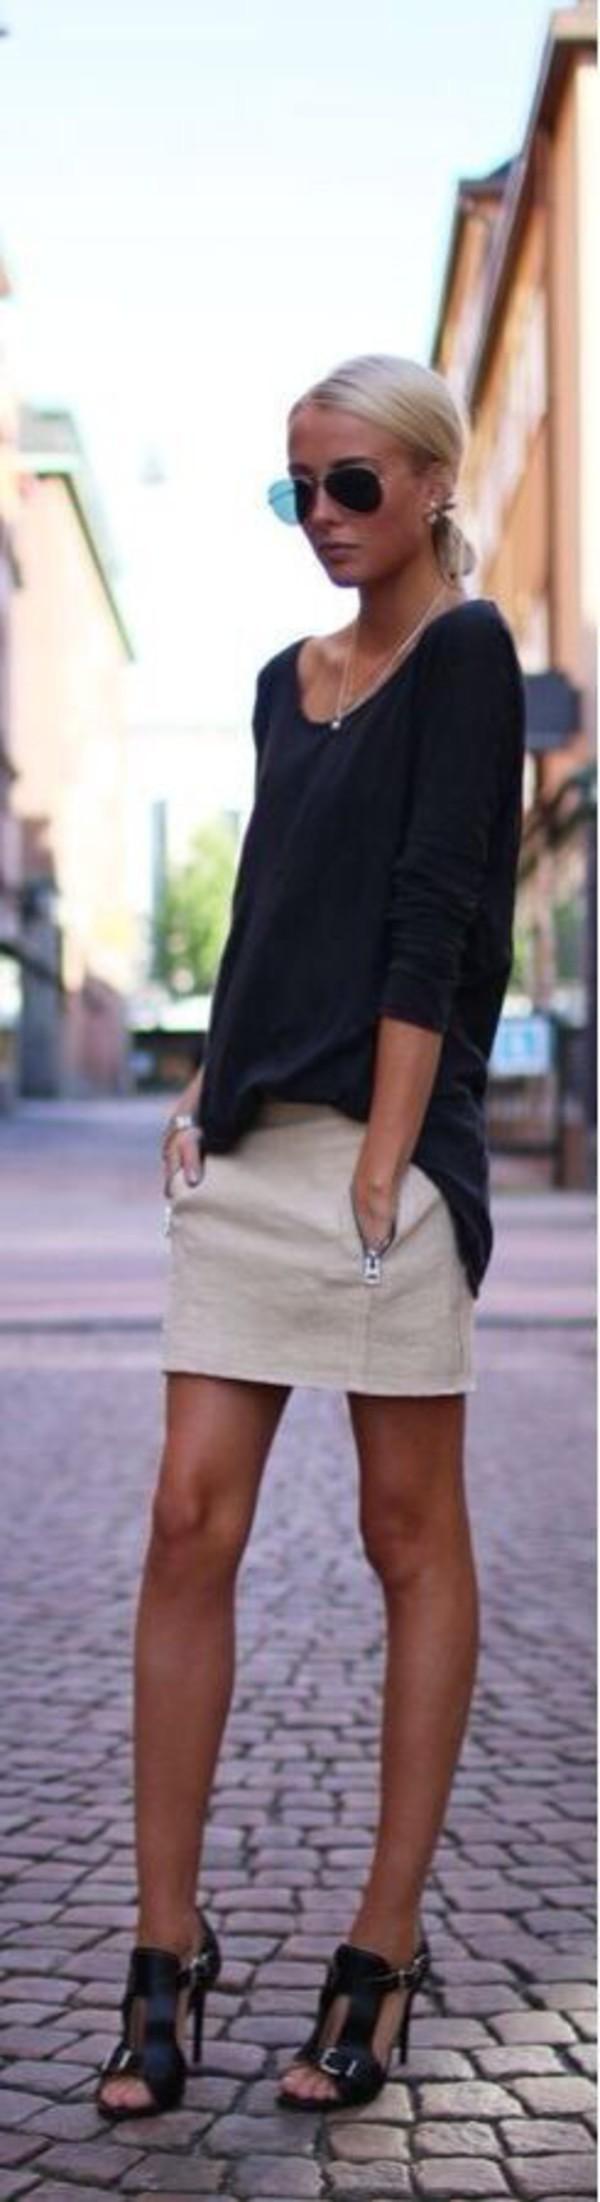 shoes skirt sweatshirt